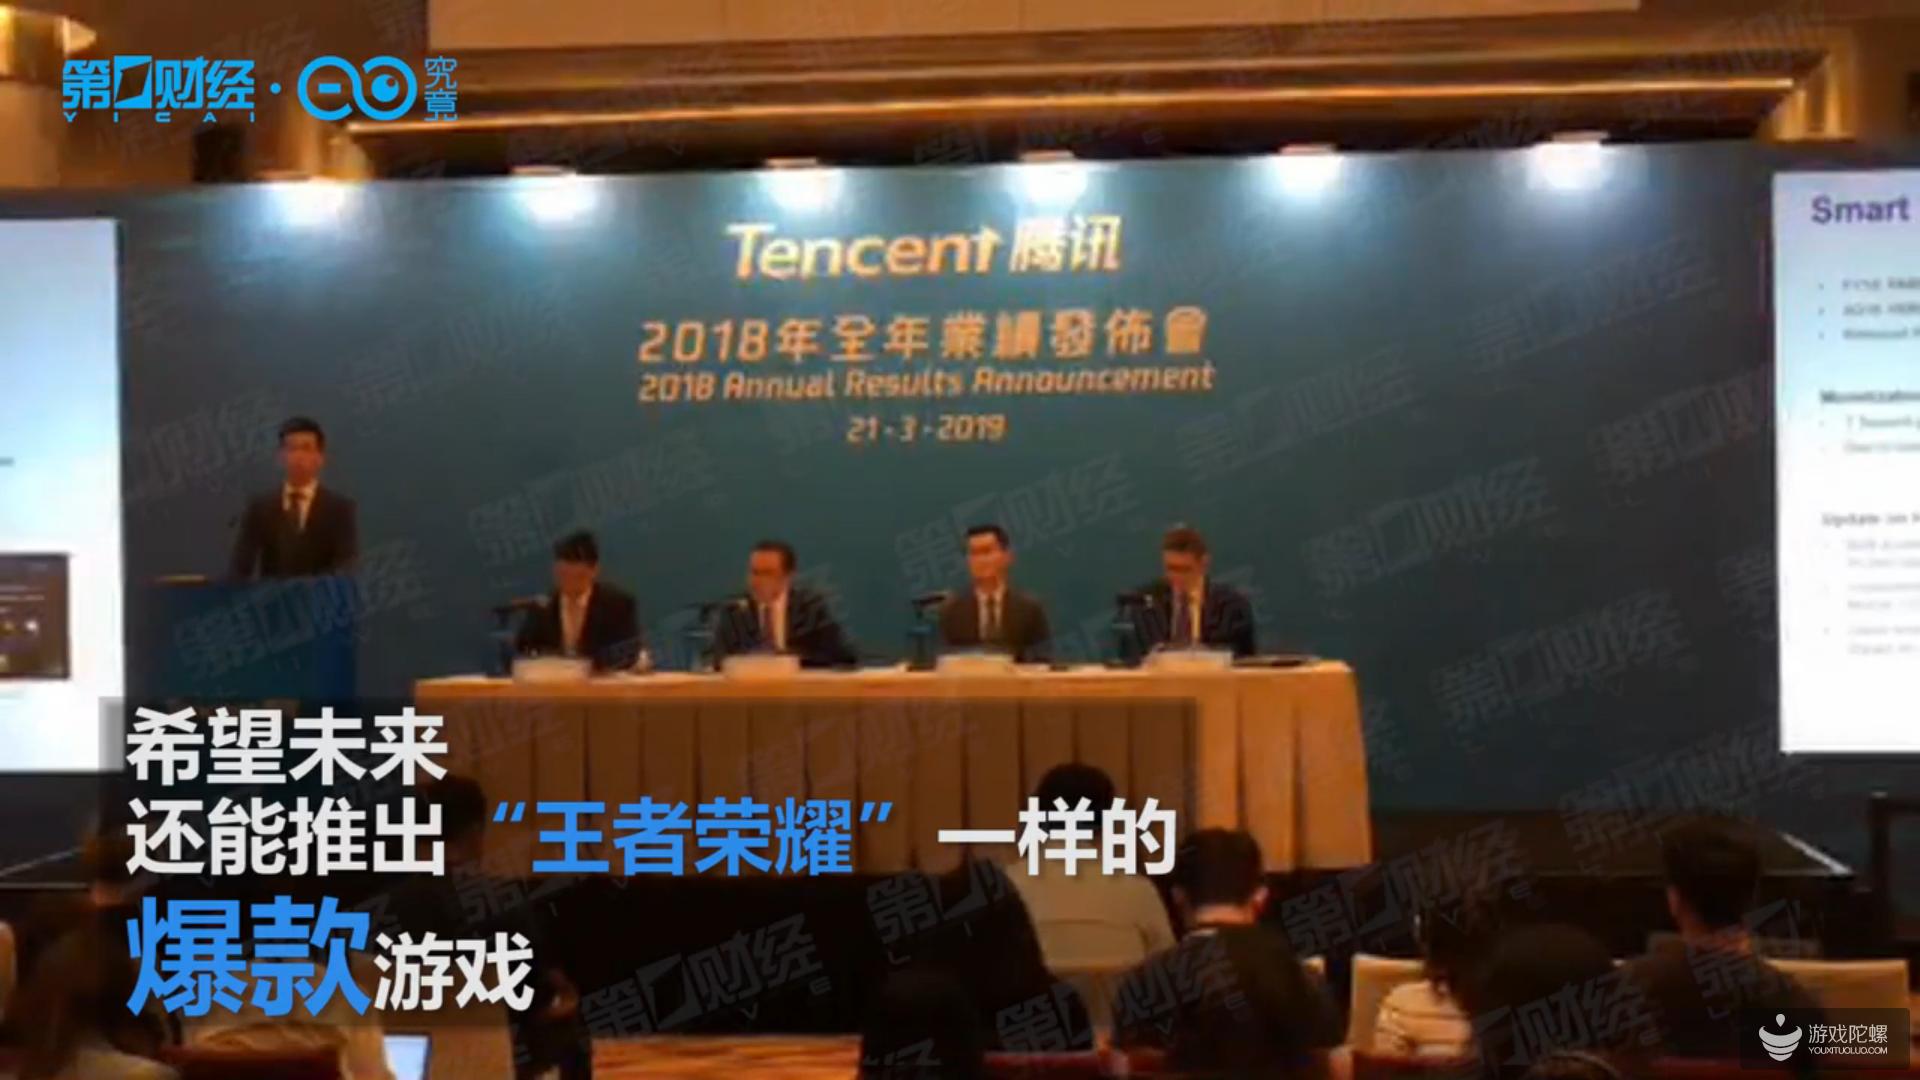 腾讯总裁刘炽平:正积极申请《绝地求生》版号 会再推爆款游戏